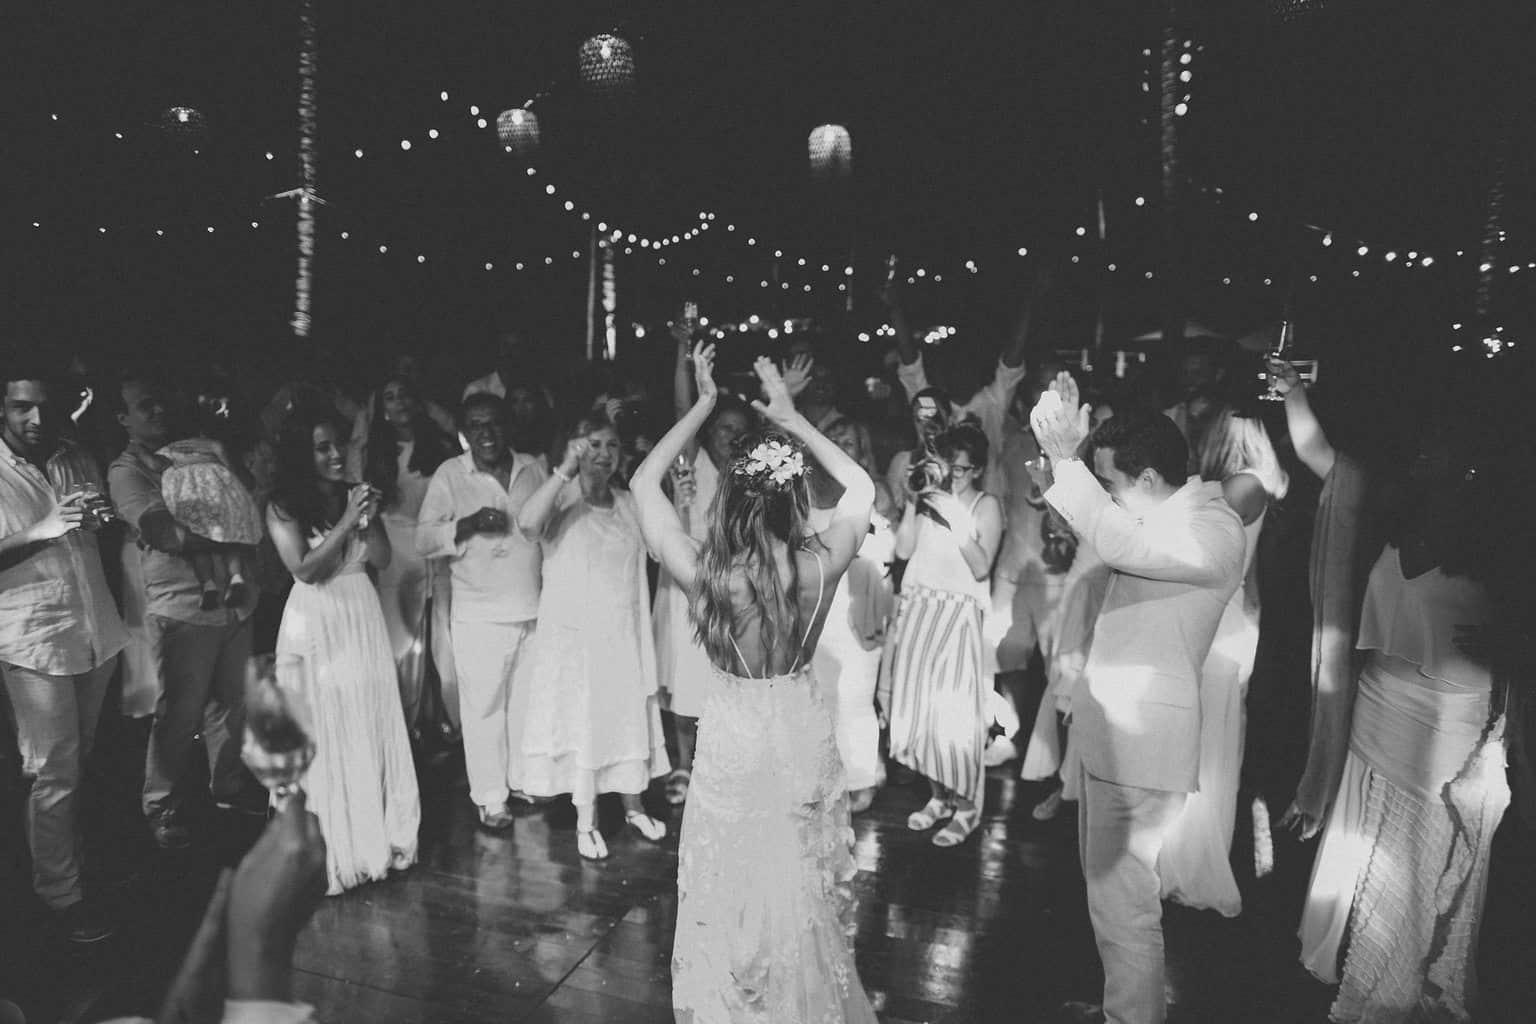 casamento-Danielle-e-Guilherme-aloha-fotografia-caseme-116